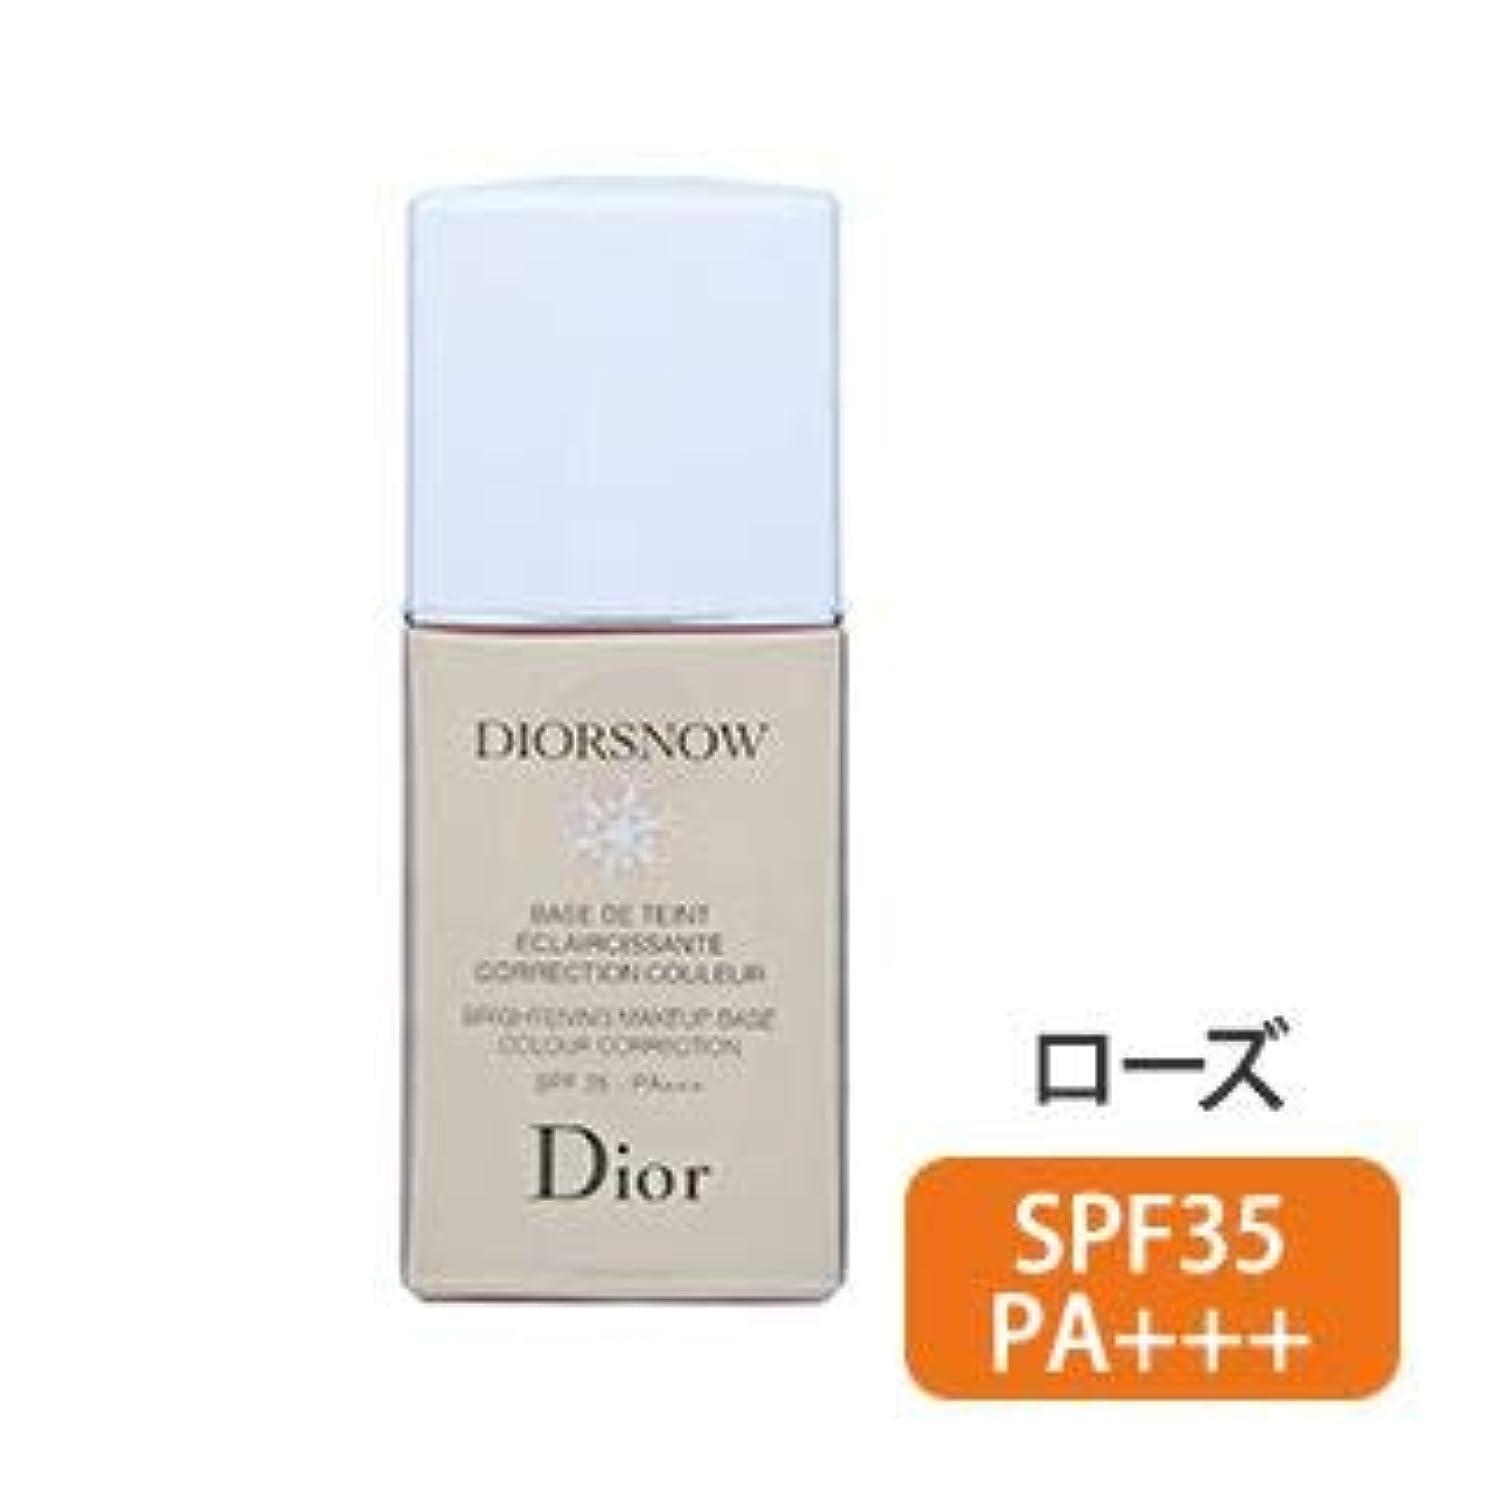 変える乞食交換ディオール(Dior) スノー メイクアップ ベース UV35 (ローズ) [並行輸入品]